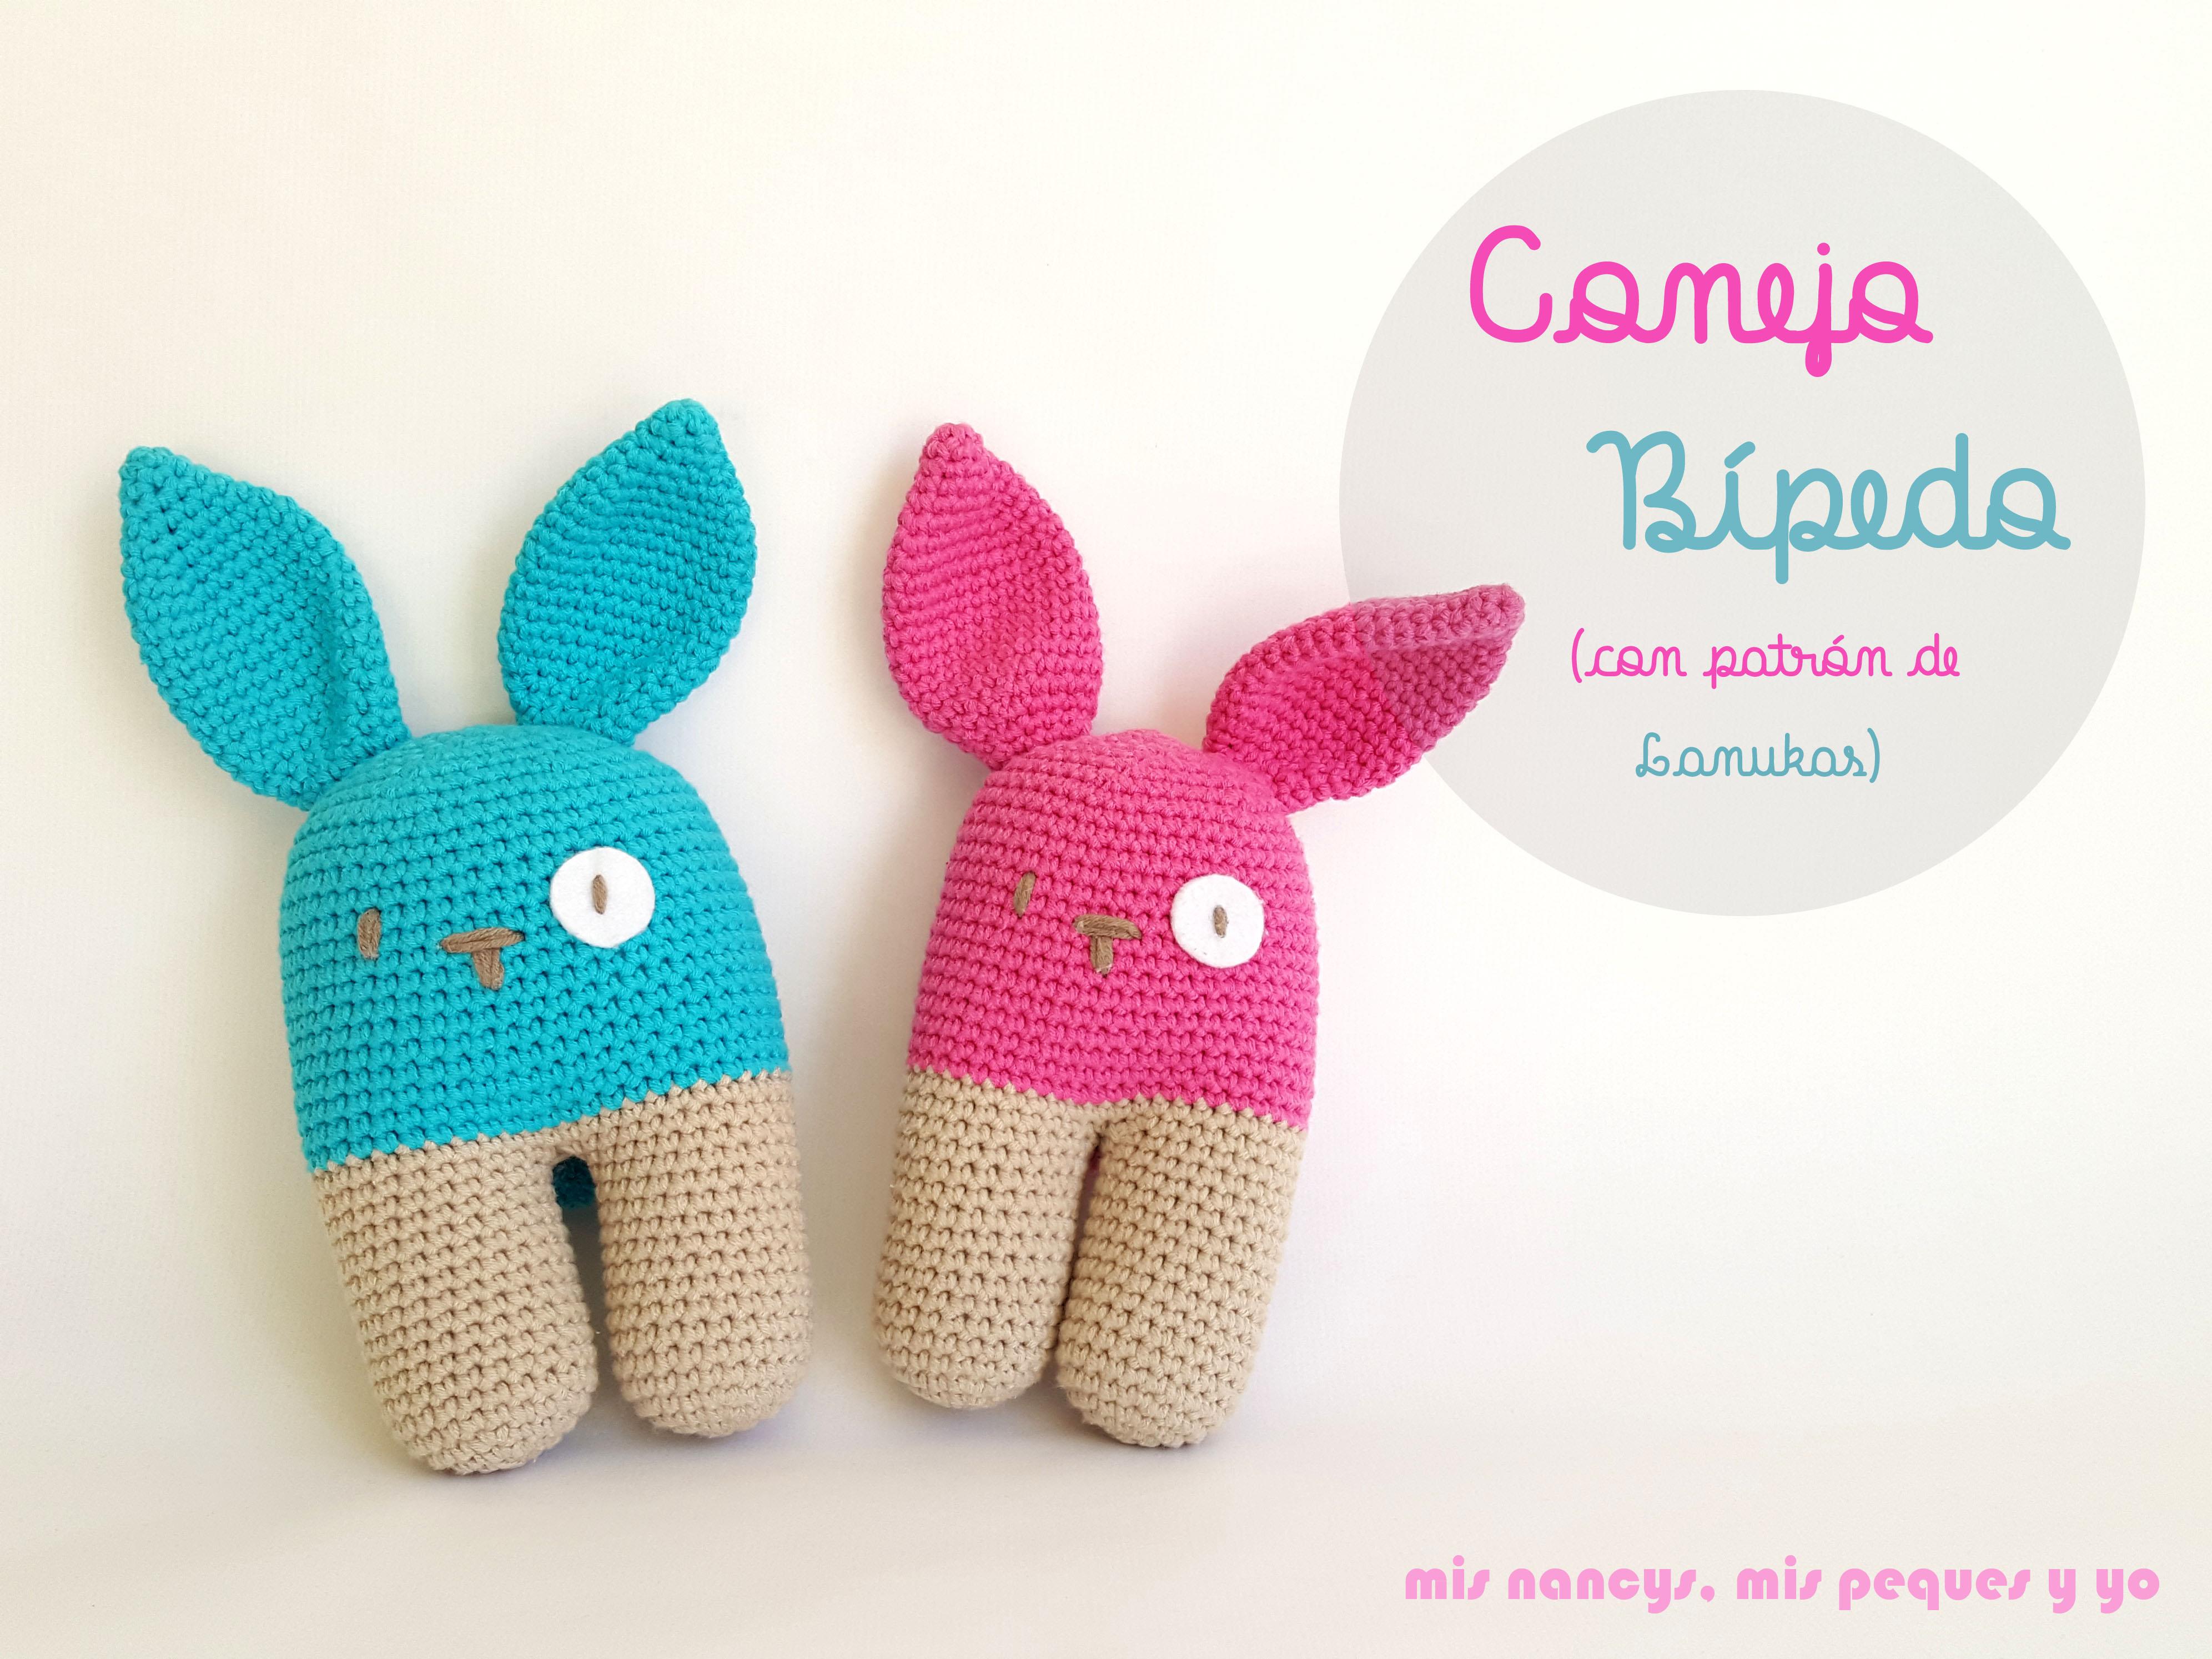 Un conejo bípedo amigurumi, bueno, dos…